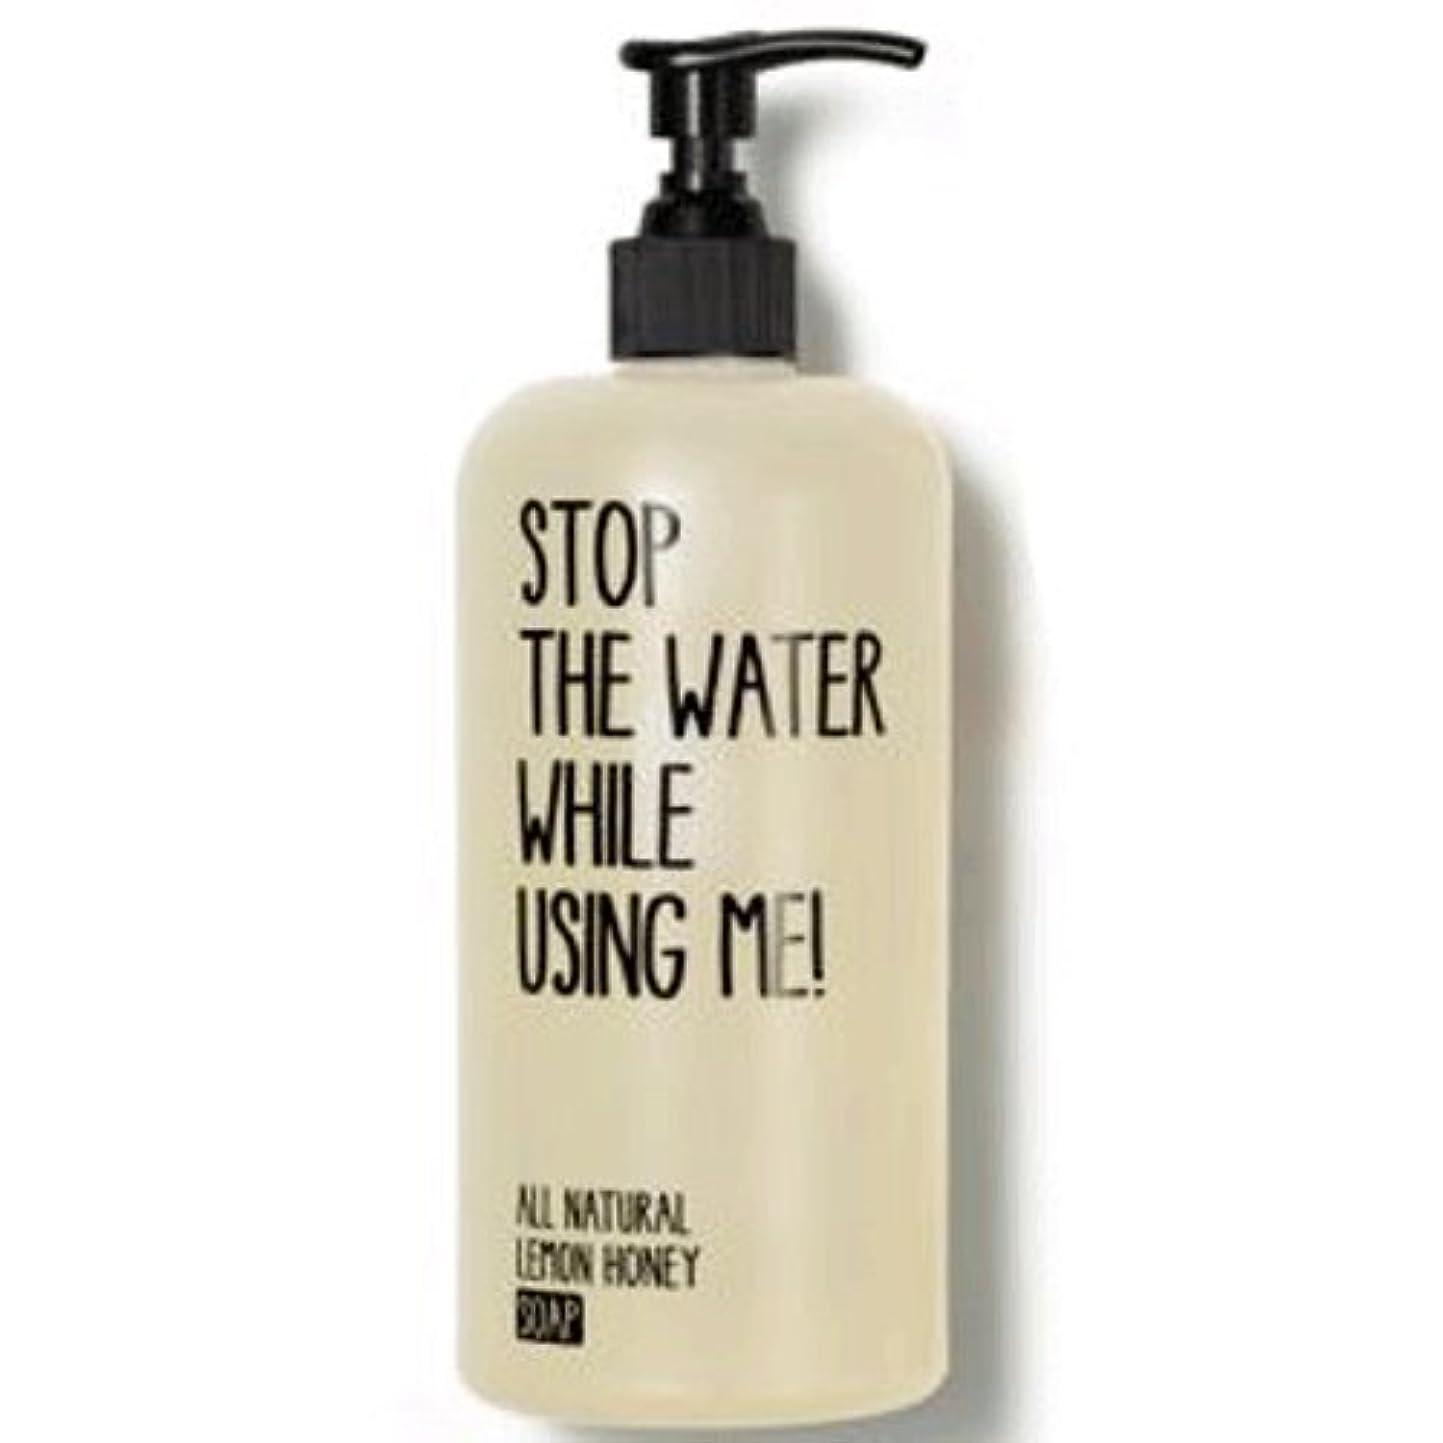 圧縮された前任者占める【STOP THE WATER WHILE USING ME!】L&Hソープ(レモン&ハニー) 500ml [並行輸入品]